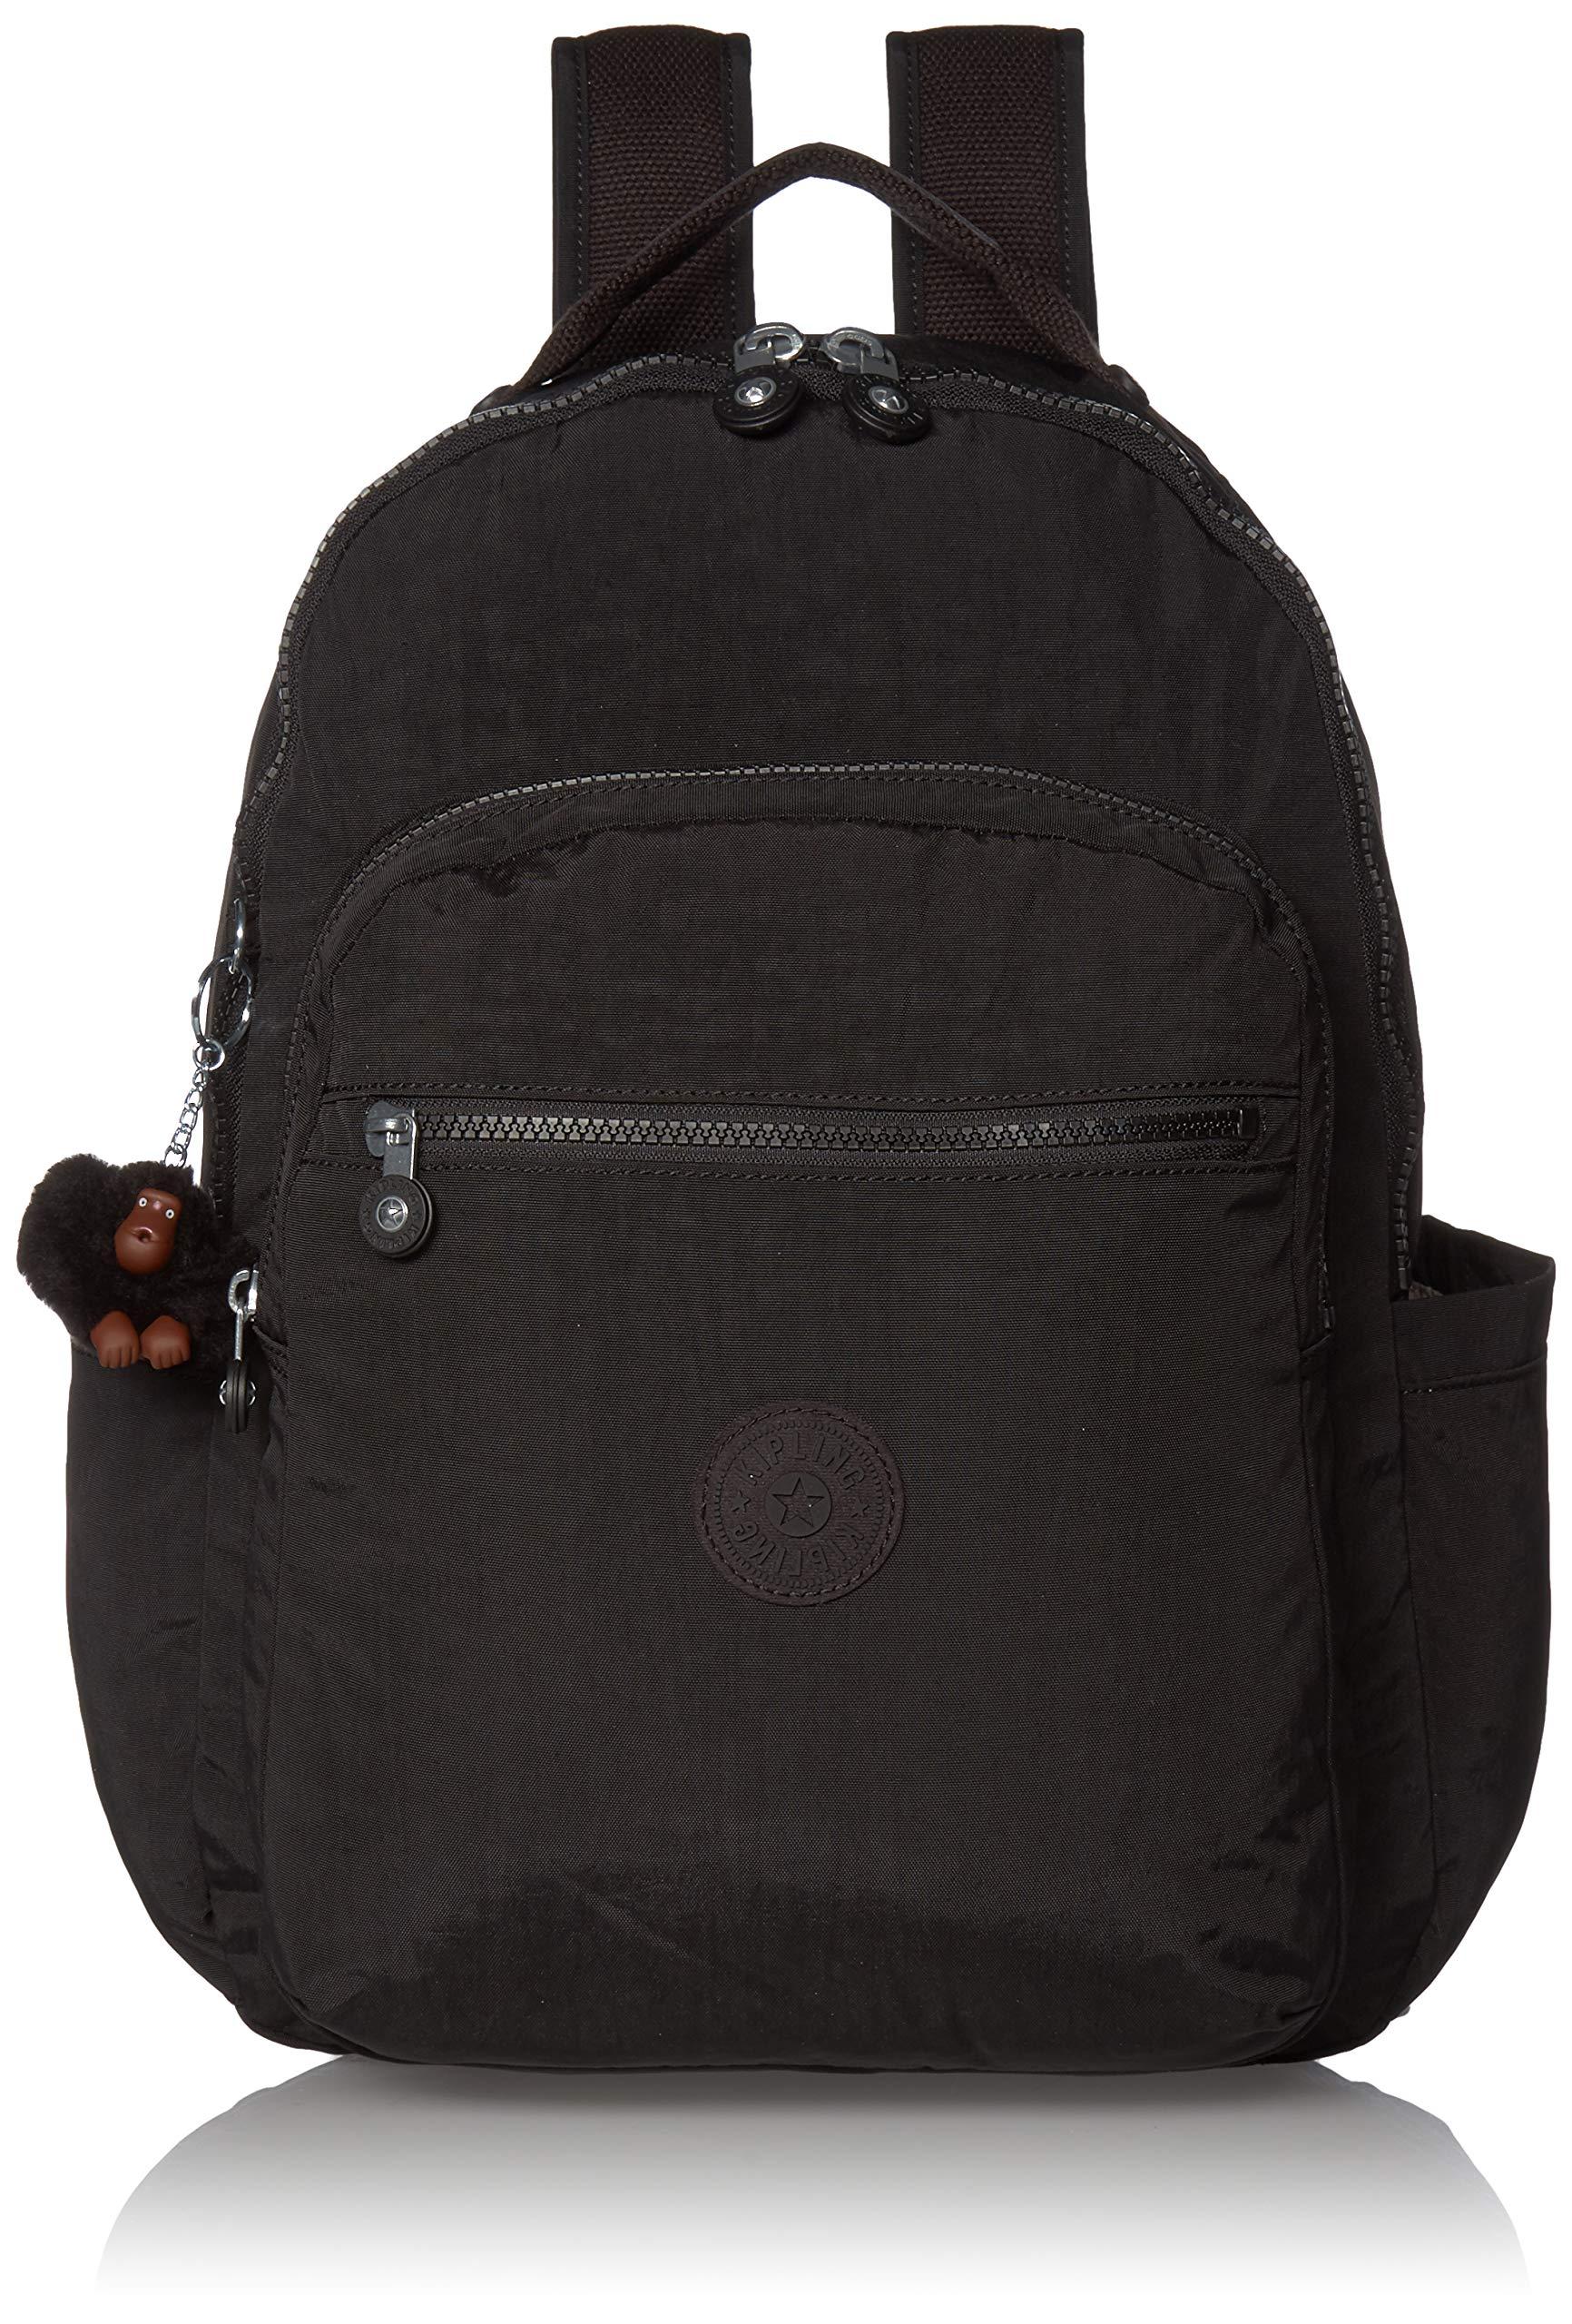 Kipling womens Seoul Diaper Bag Backpack, True Black, One Size